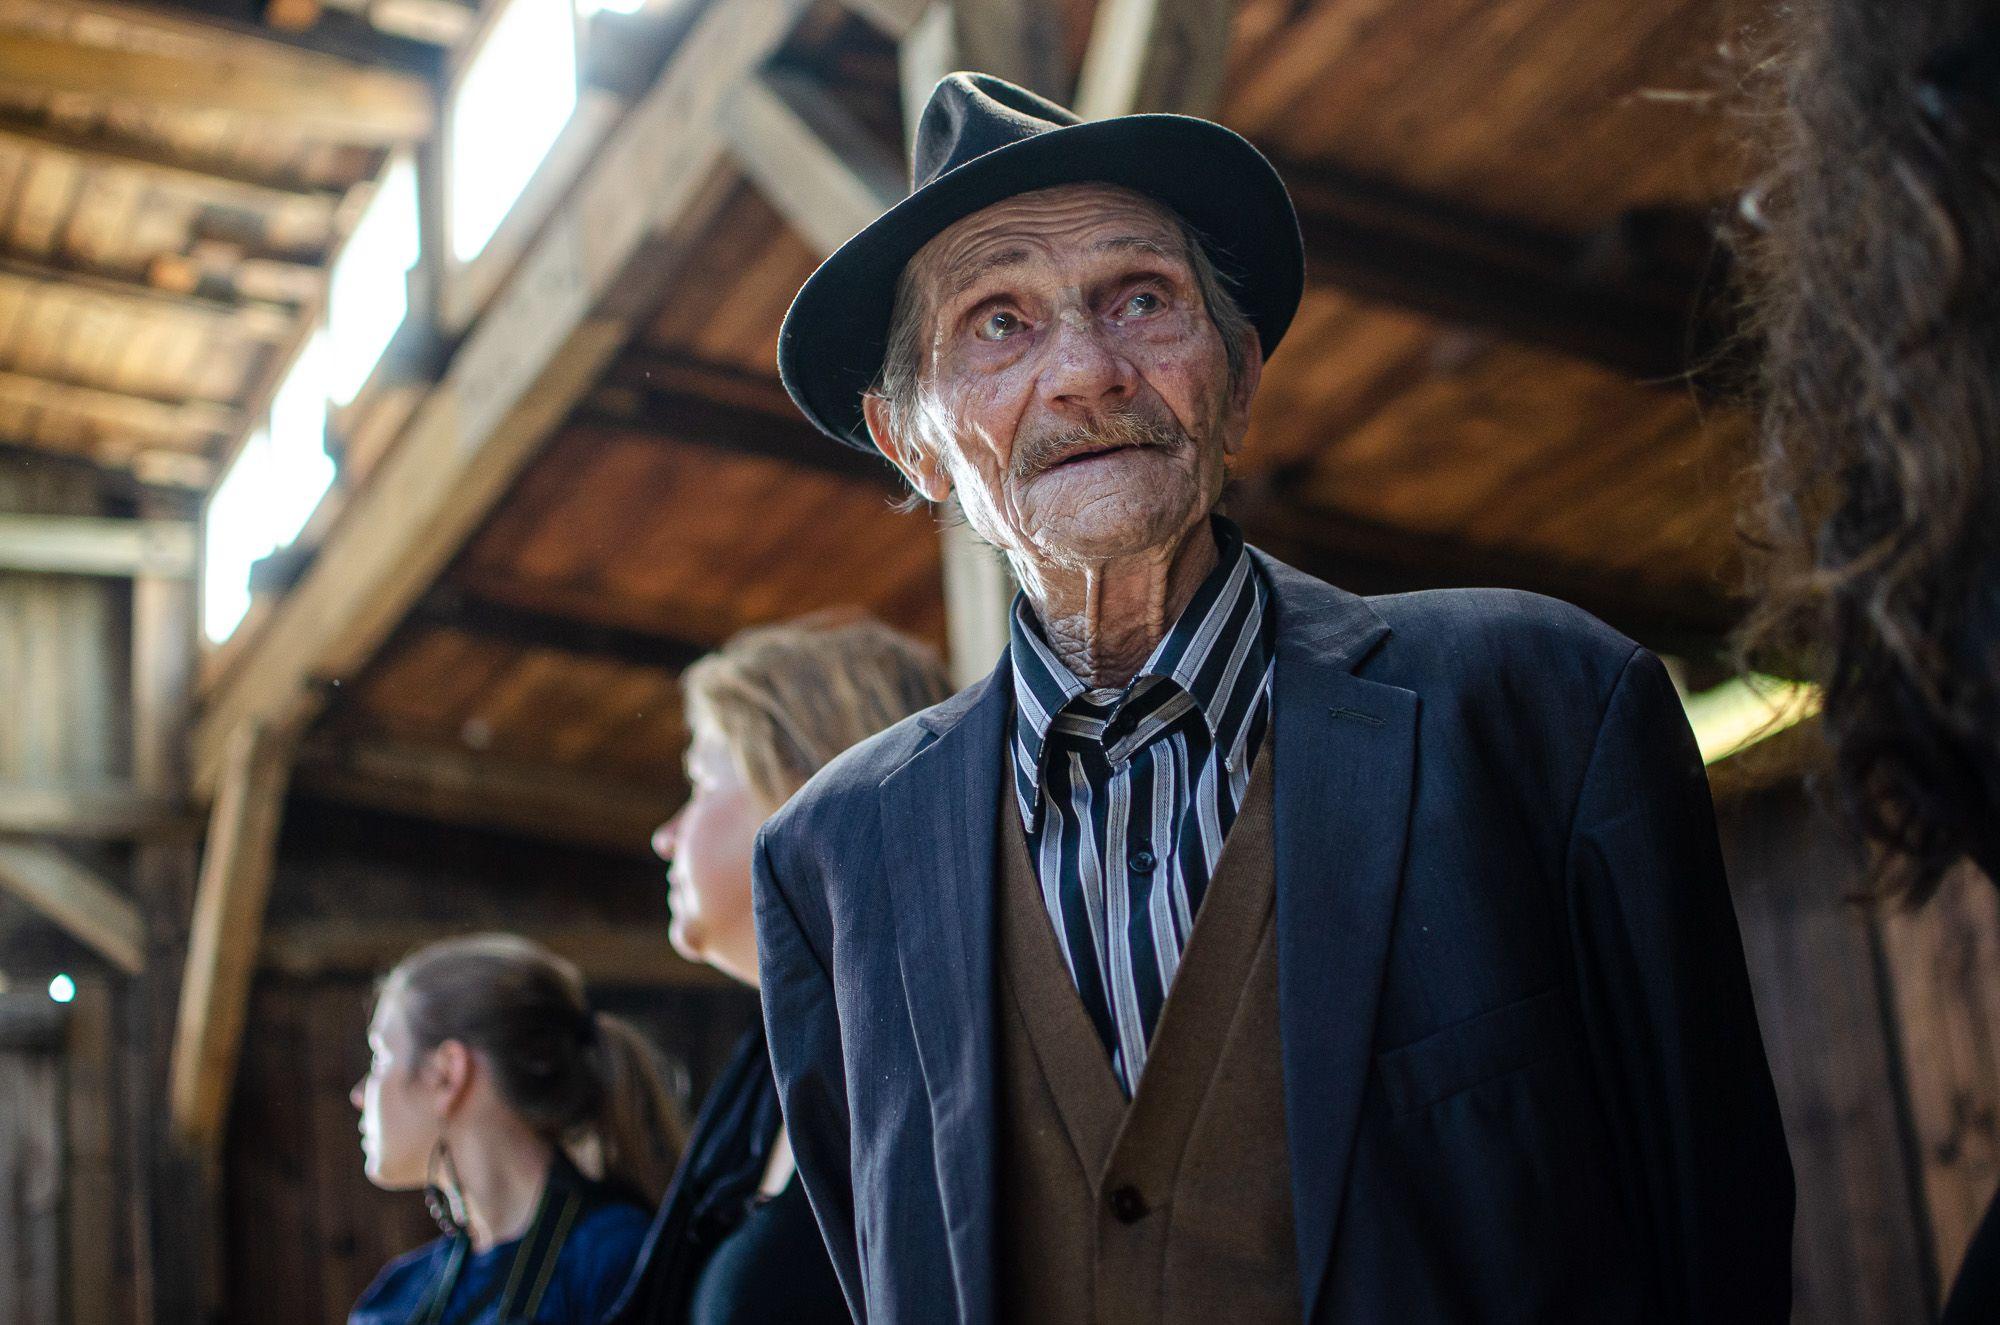 Raymond Gureme holokausztúlélő